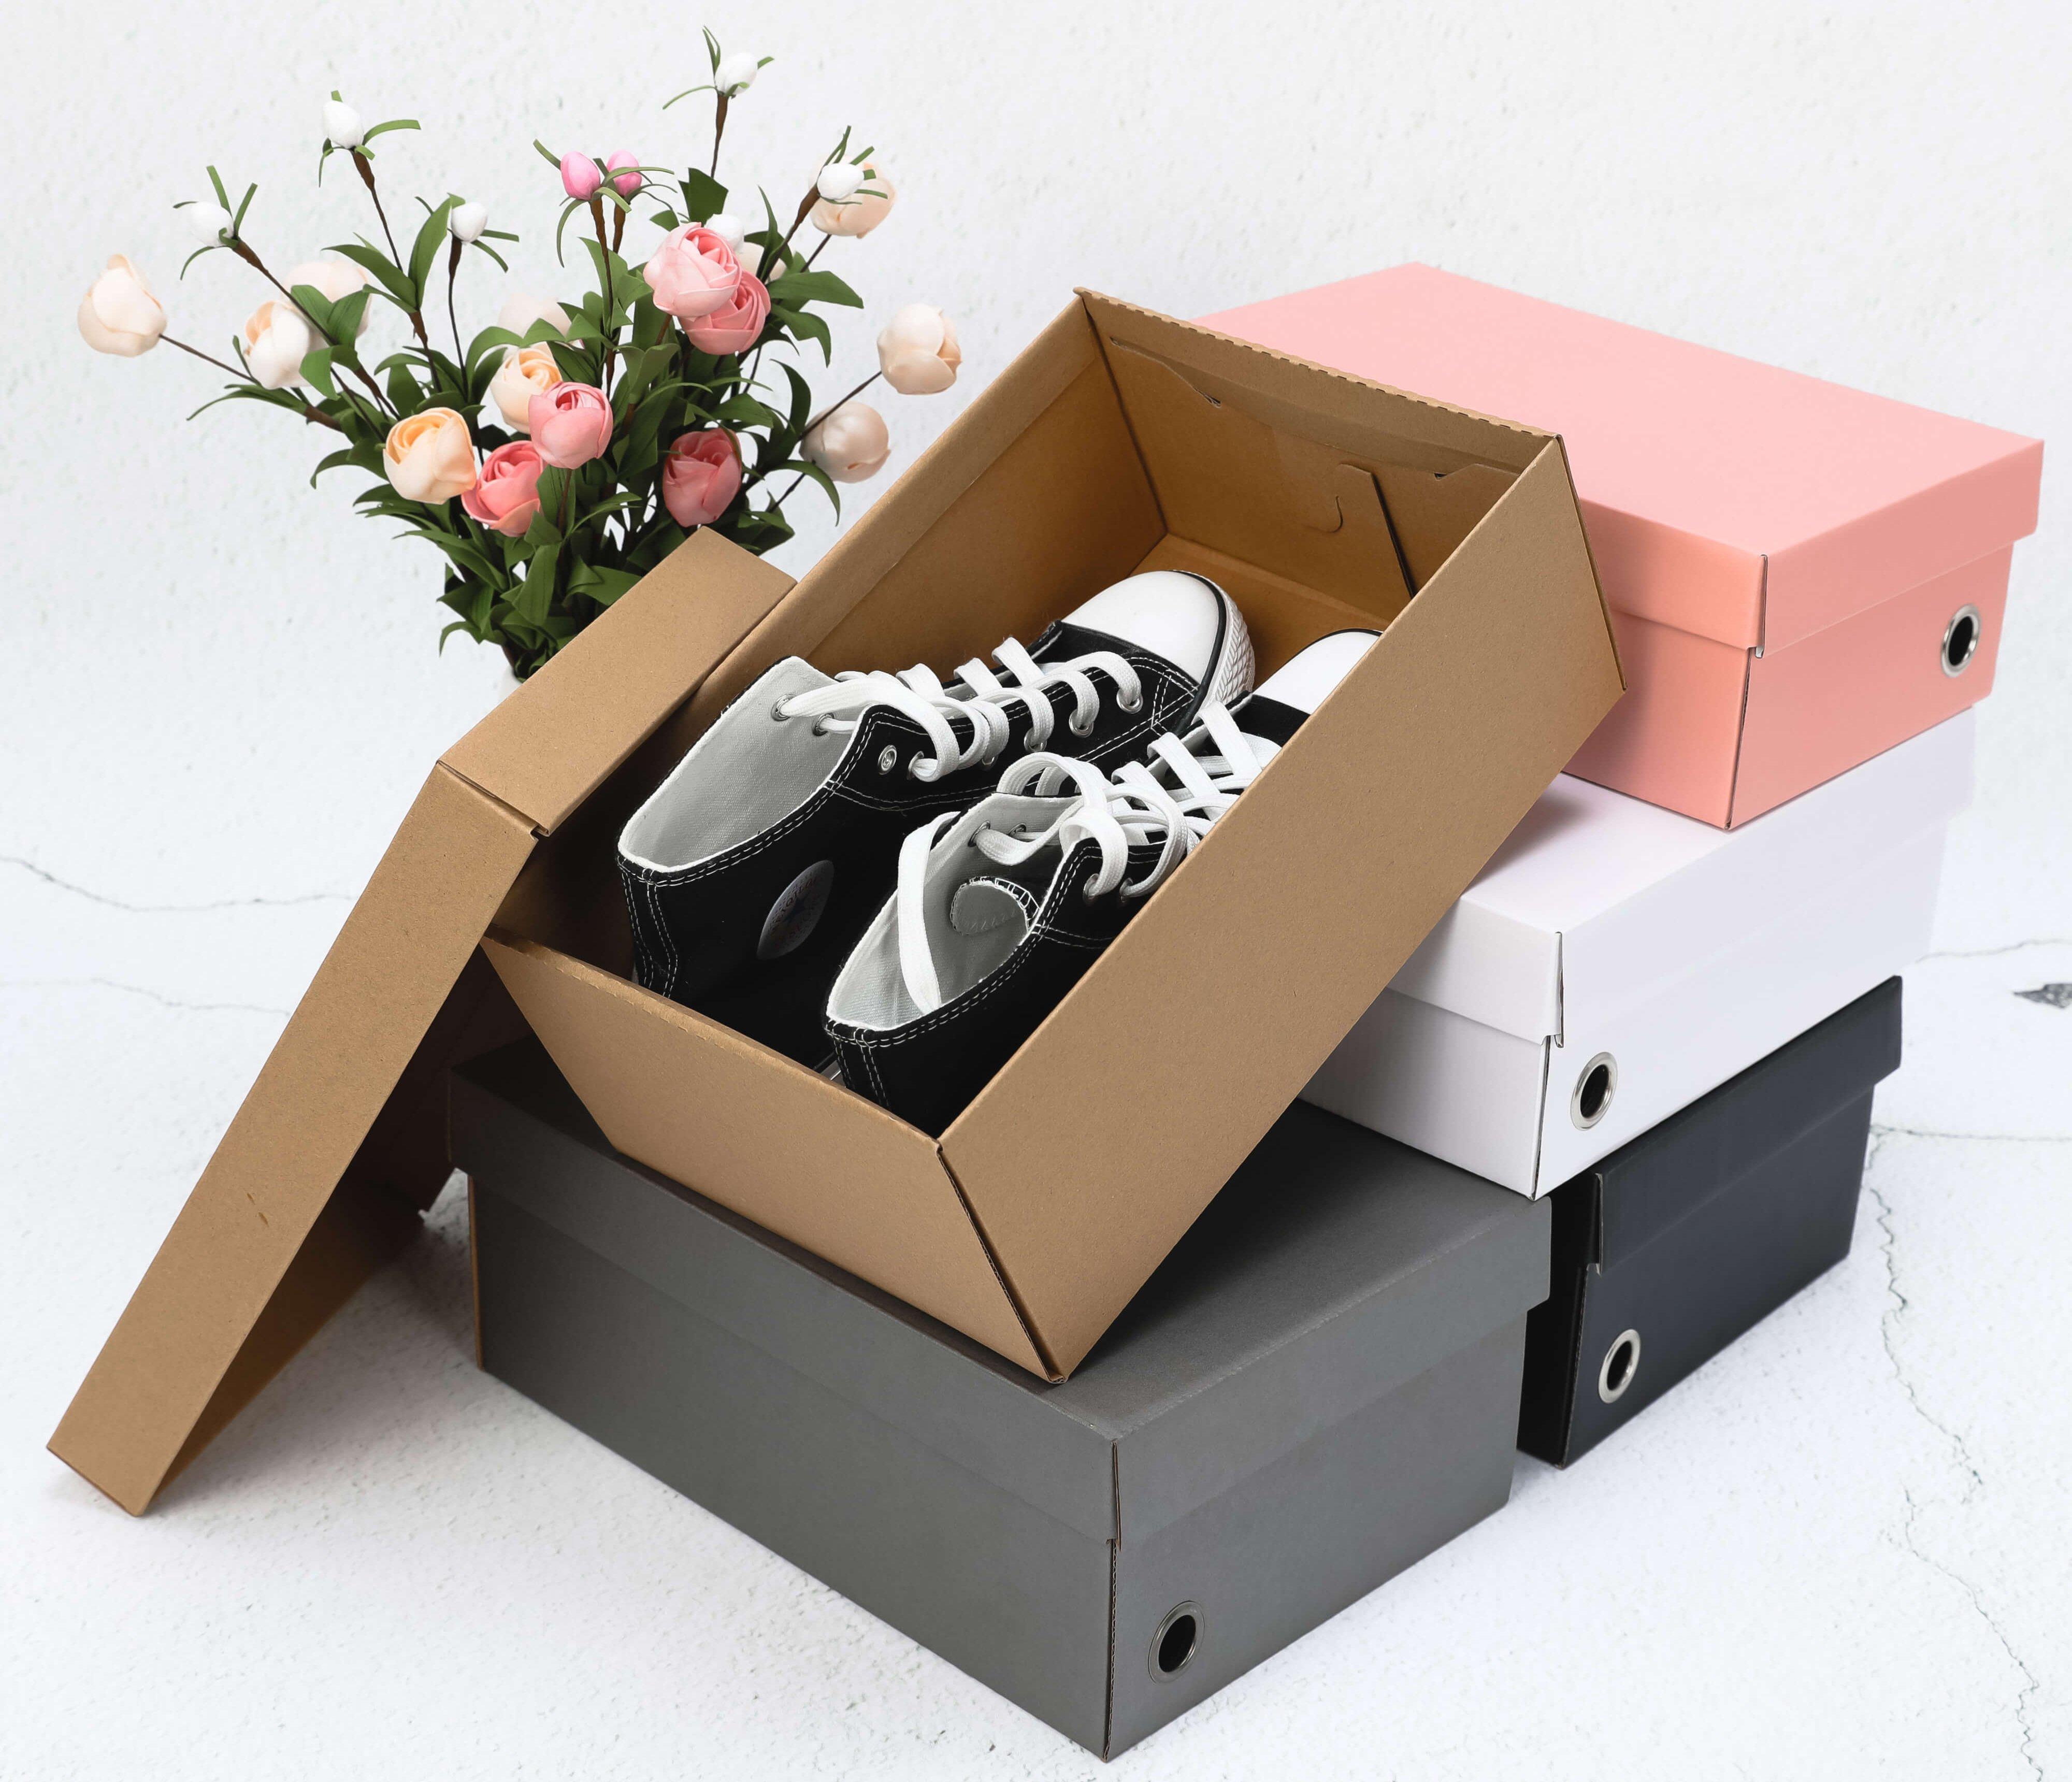 Mua hộp đựng giày ở đâu?